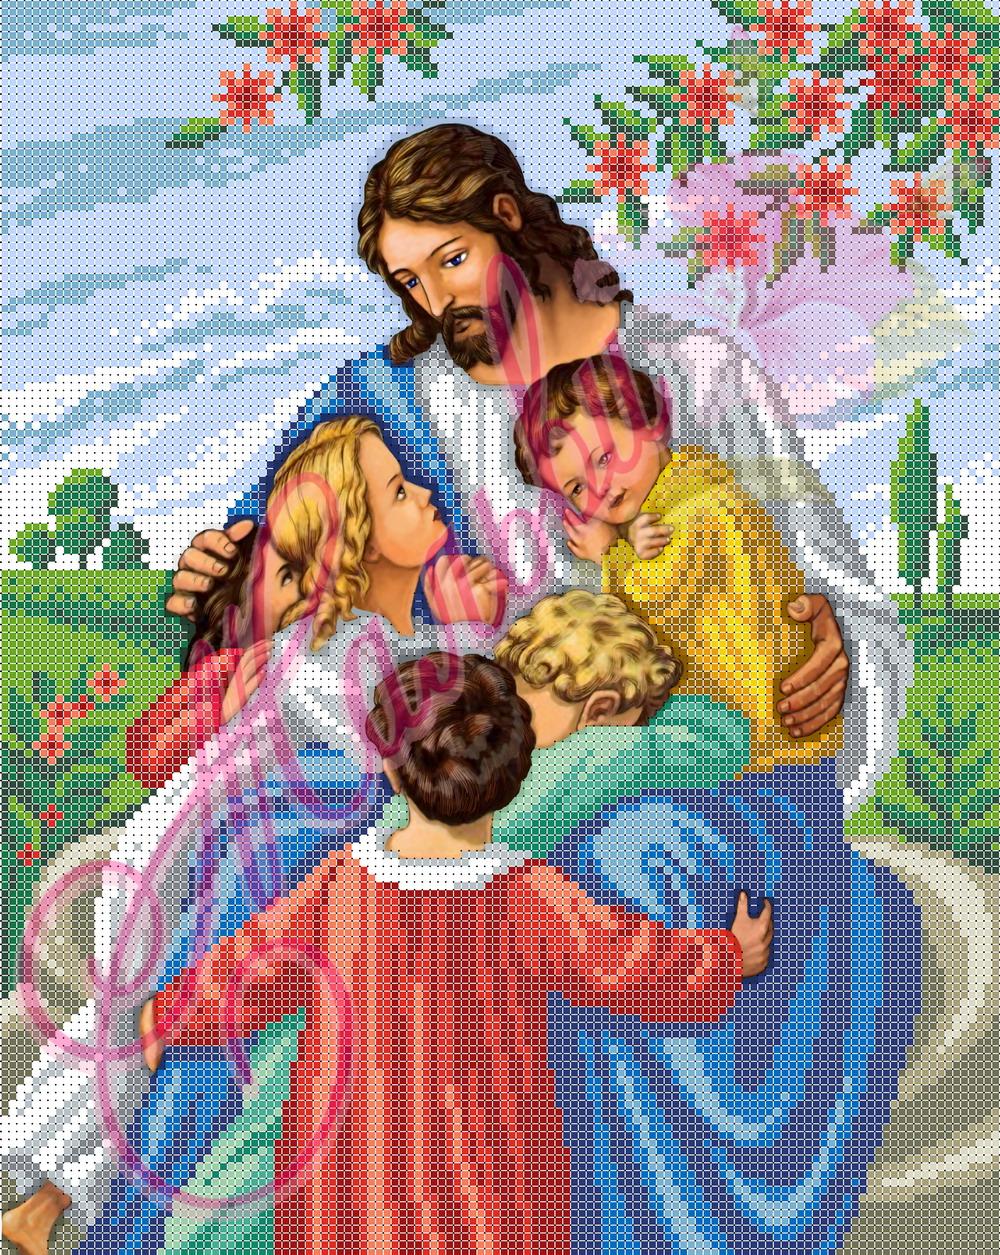 Ісус та діти А3Р-008 ed2000d6a5505